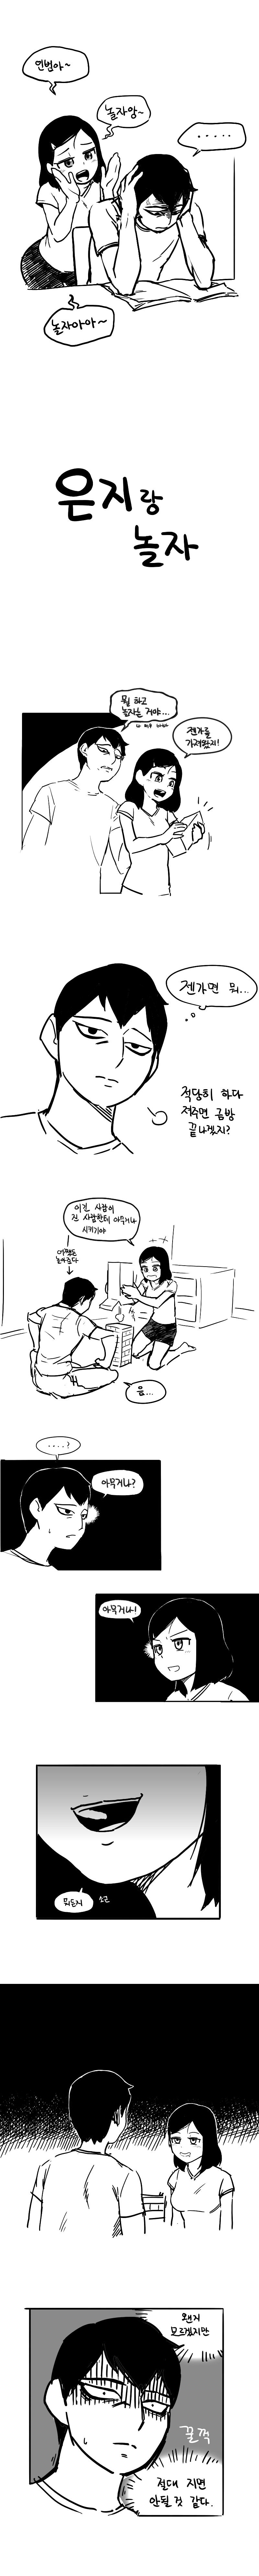 성충동 느끼는 남친을 둔 시영이의 고민4.png